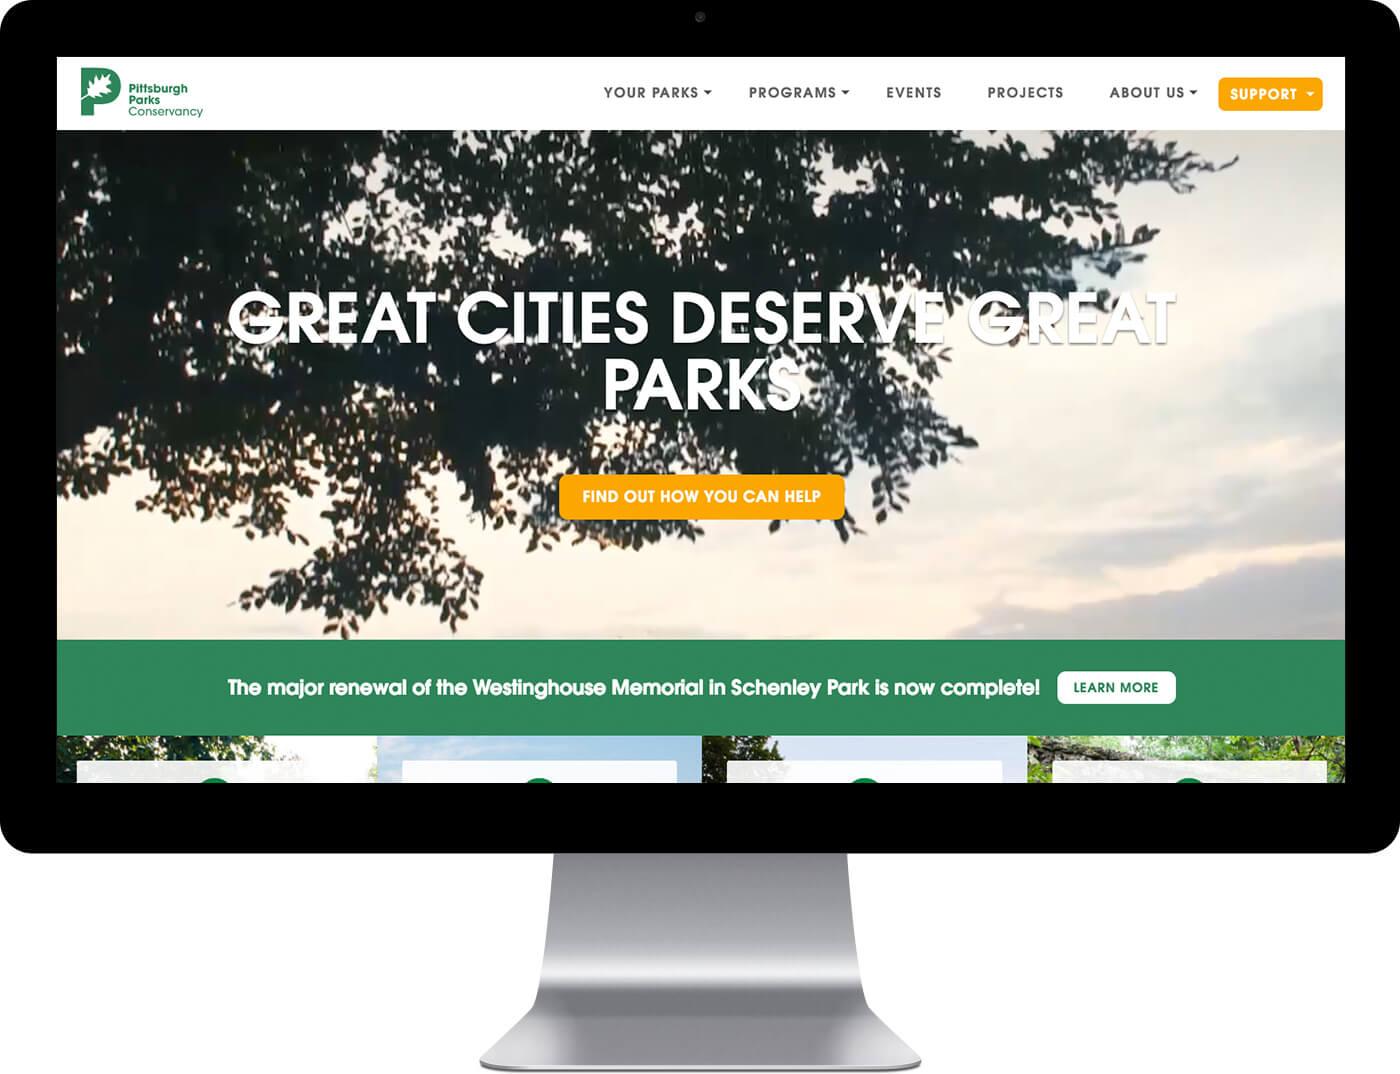 pittsburgh-parks-desktop-home